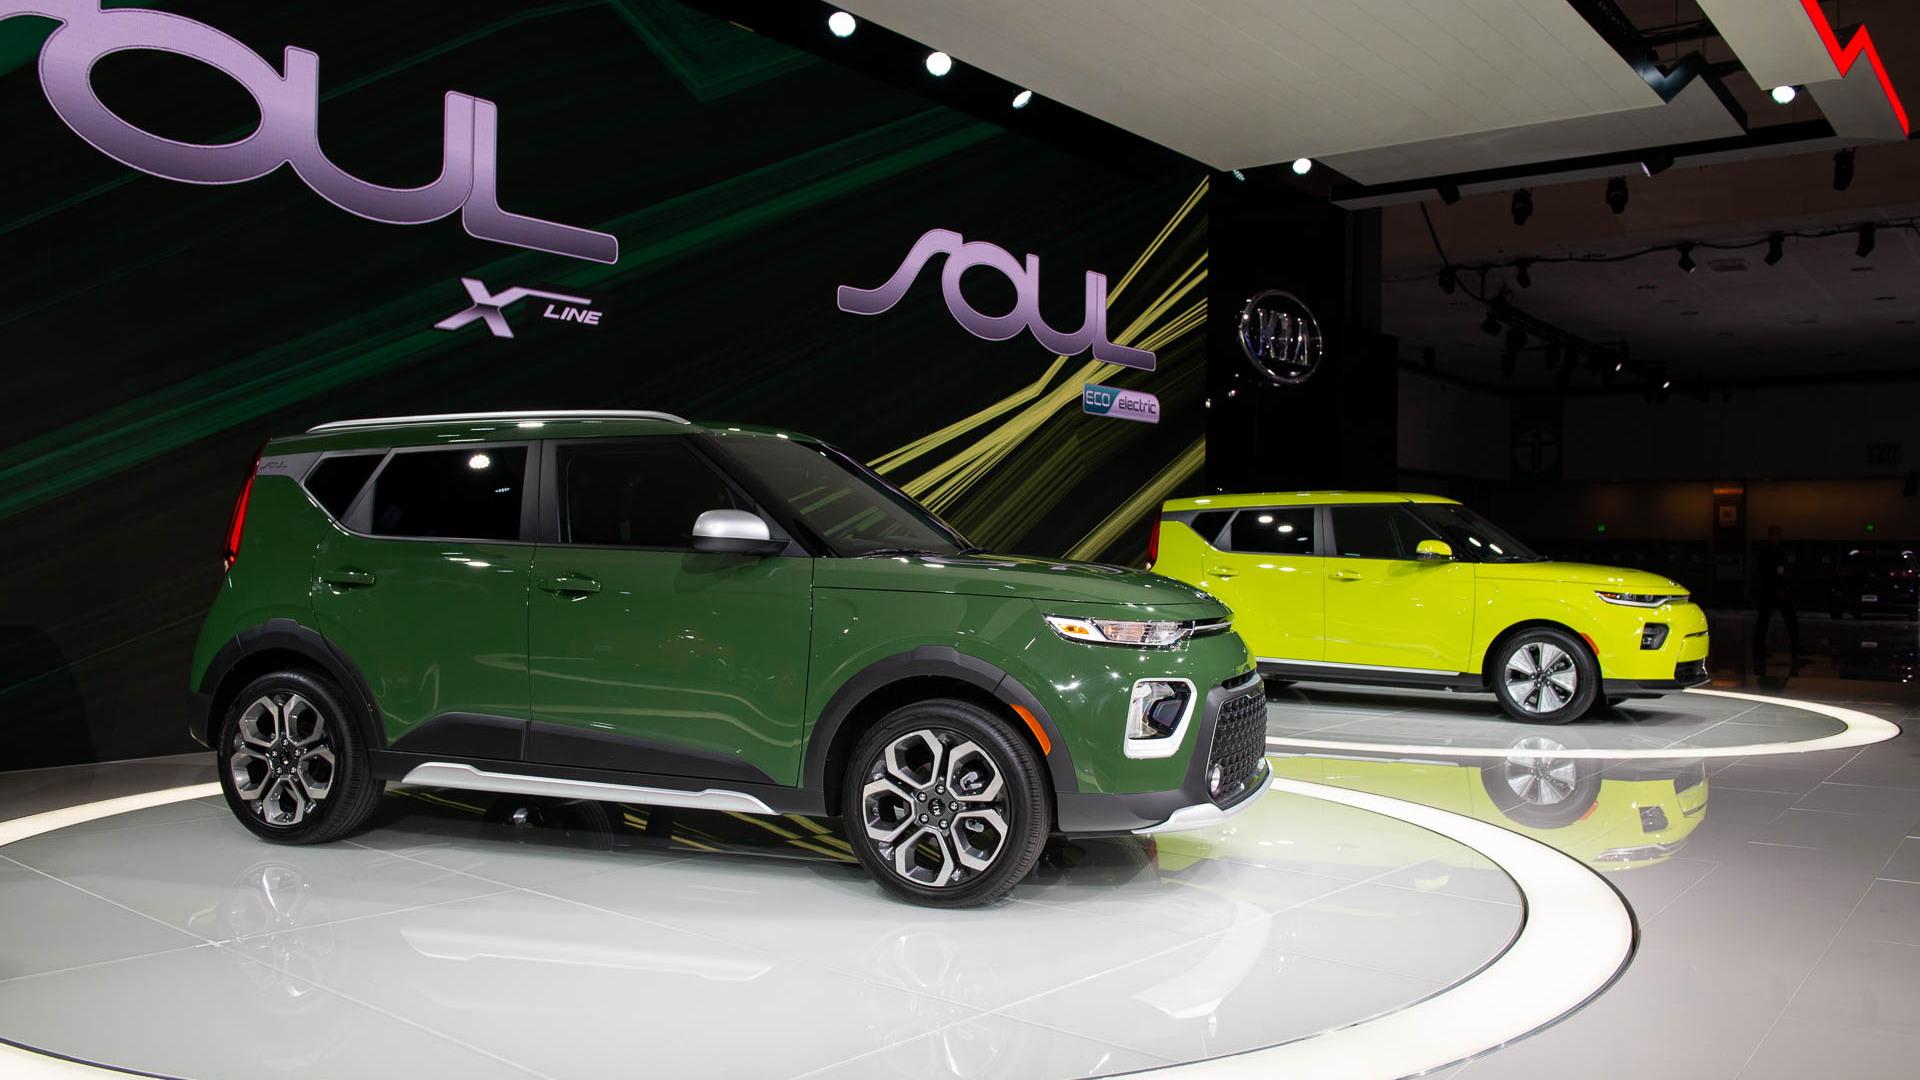 2020 Kia Soul, 2018 LA Auto Show